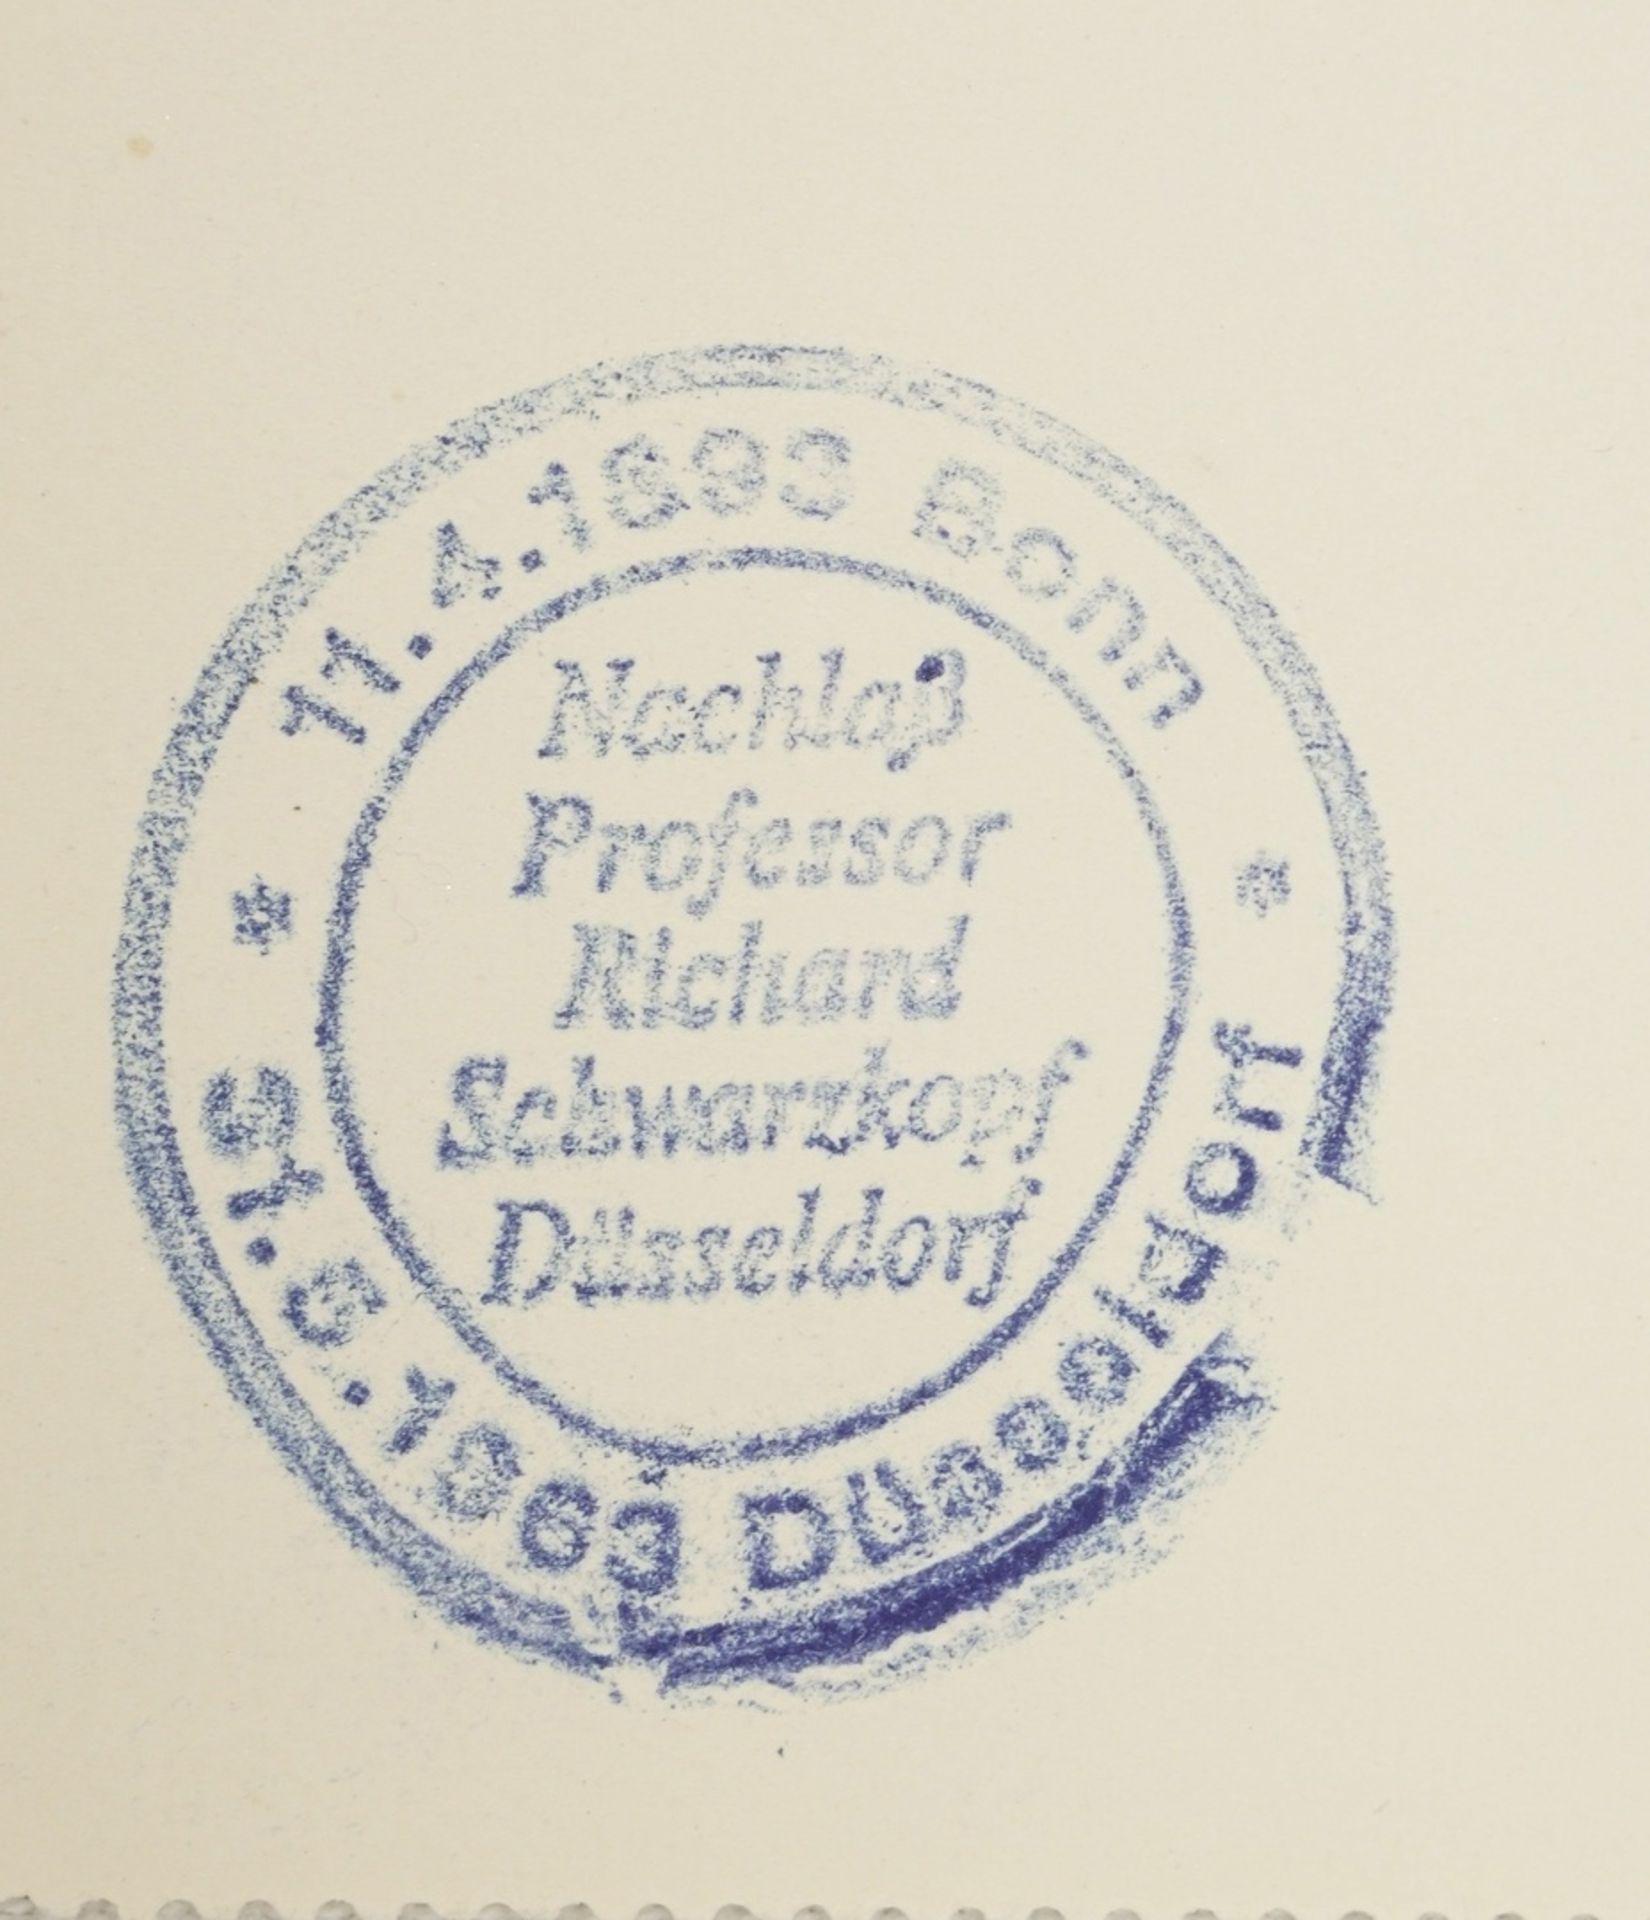 Richard Schwarzkopf, Sitzende mit blauem Tuch - Bild 4 aus 4